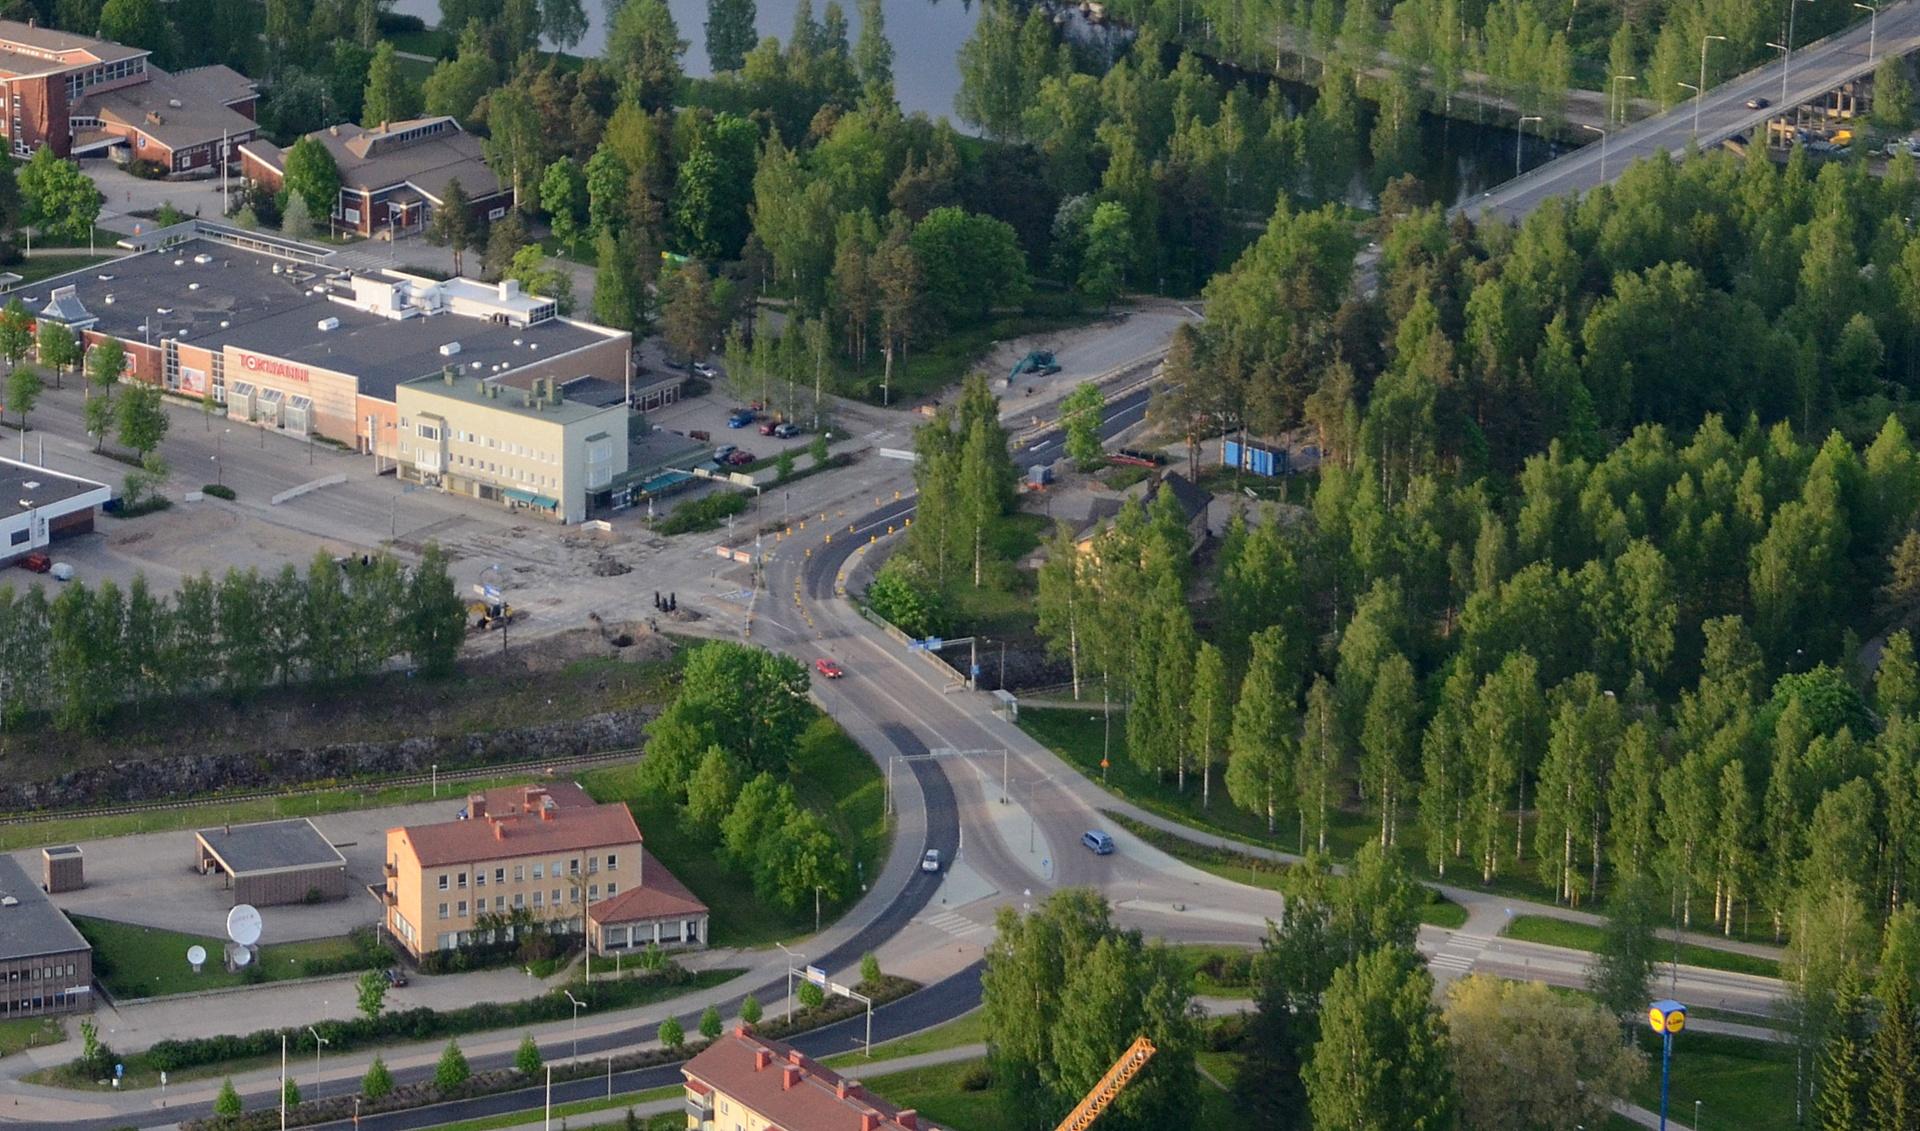 2016-05-24 Viiskulman liikenneympyrä lähtee syntymään.